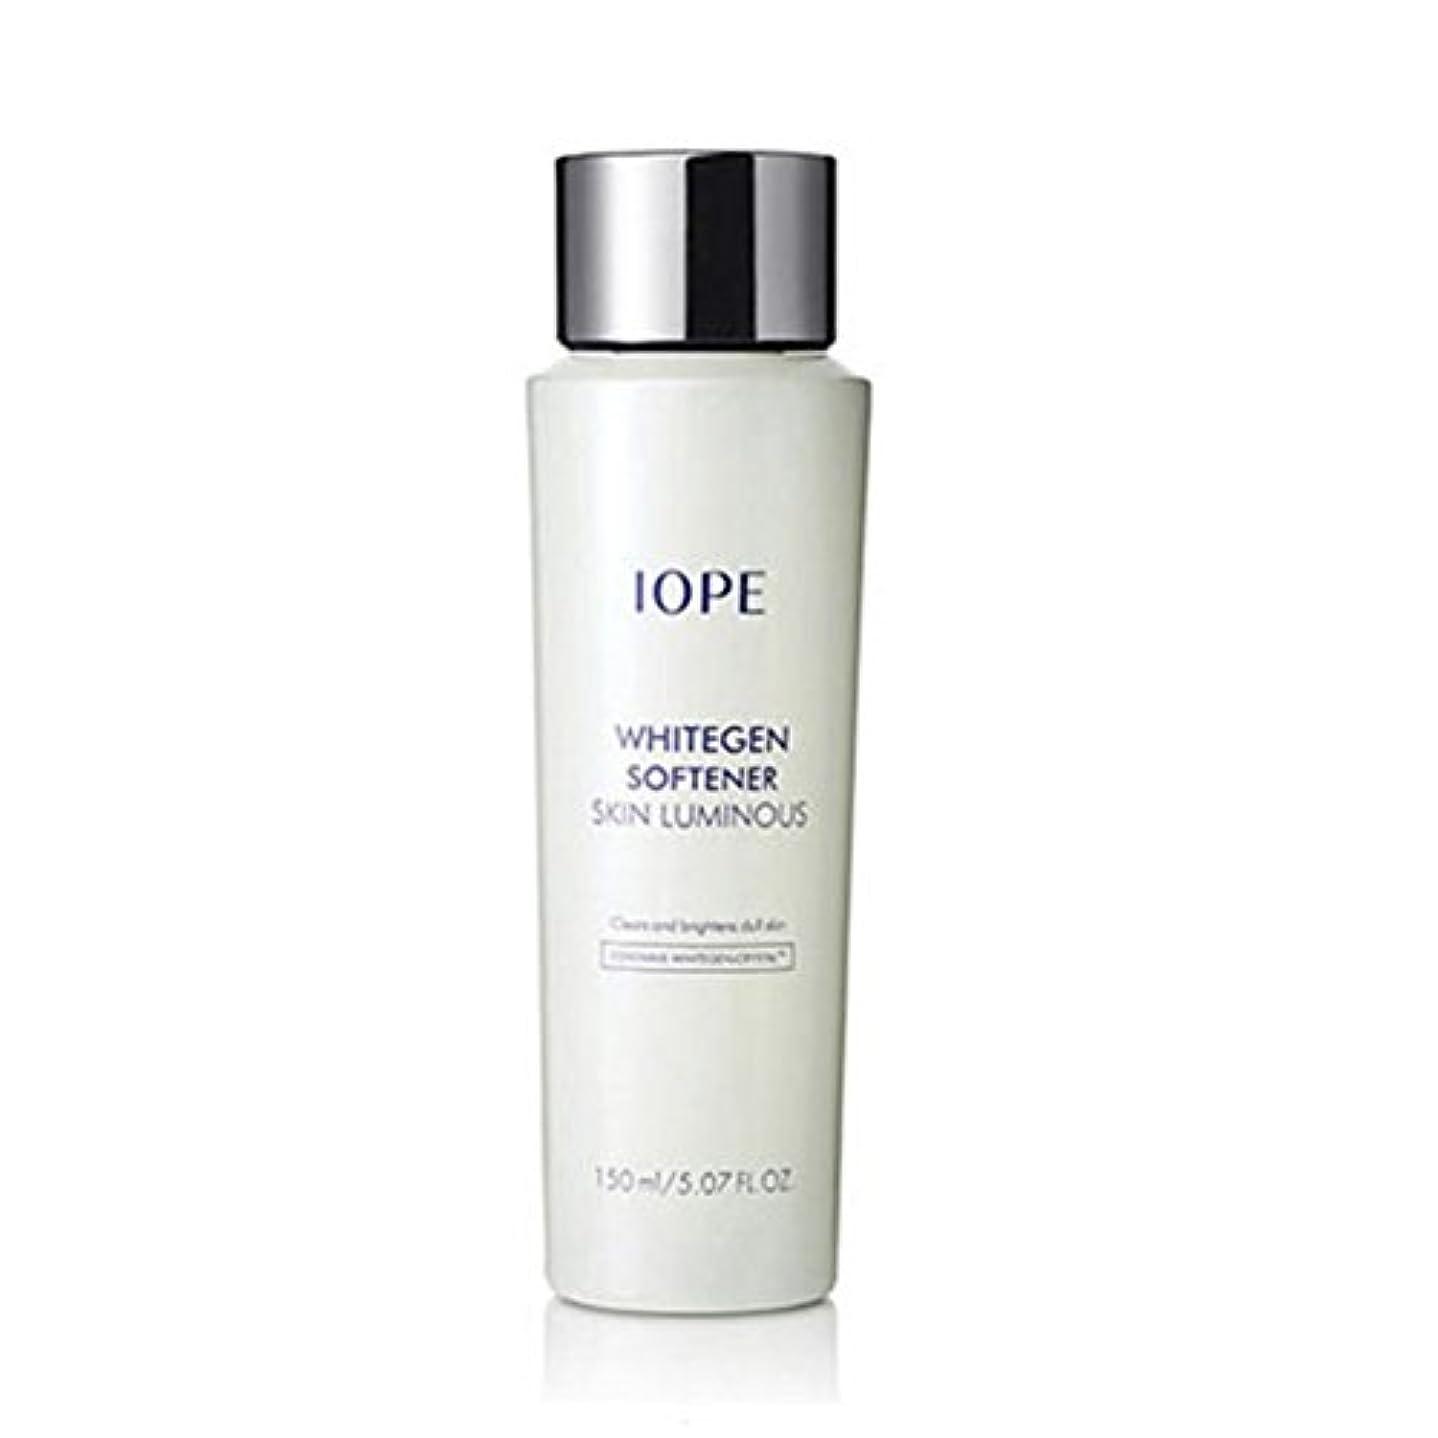 操るフォーム割り当てる(アイオペ)IOPE Whitegen Softener Skin Luminous (韓国直発送) oopspanda